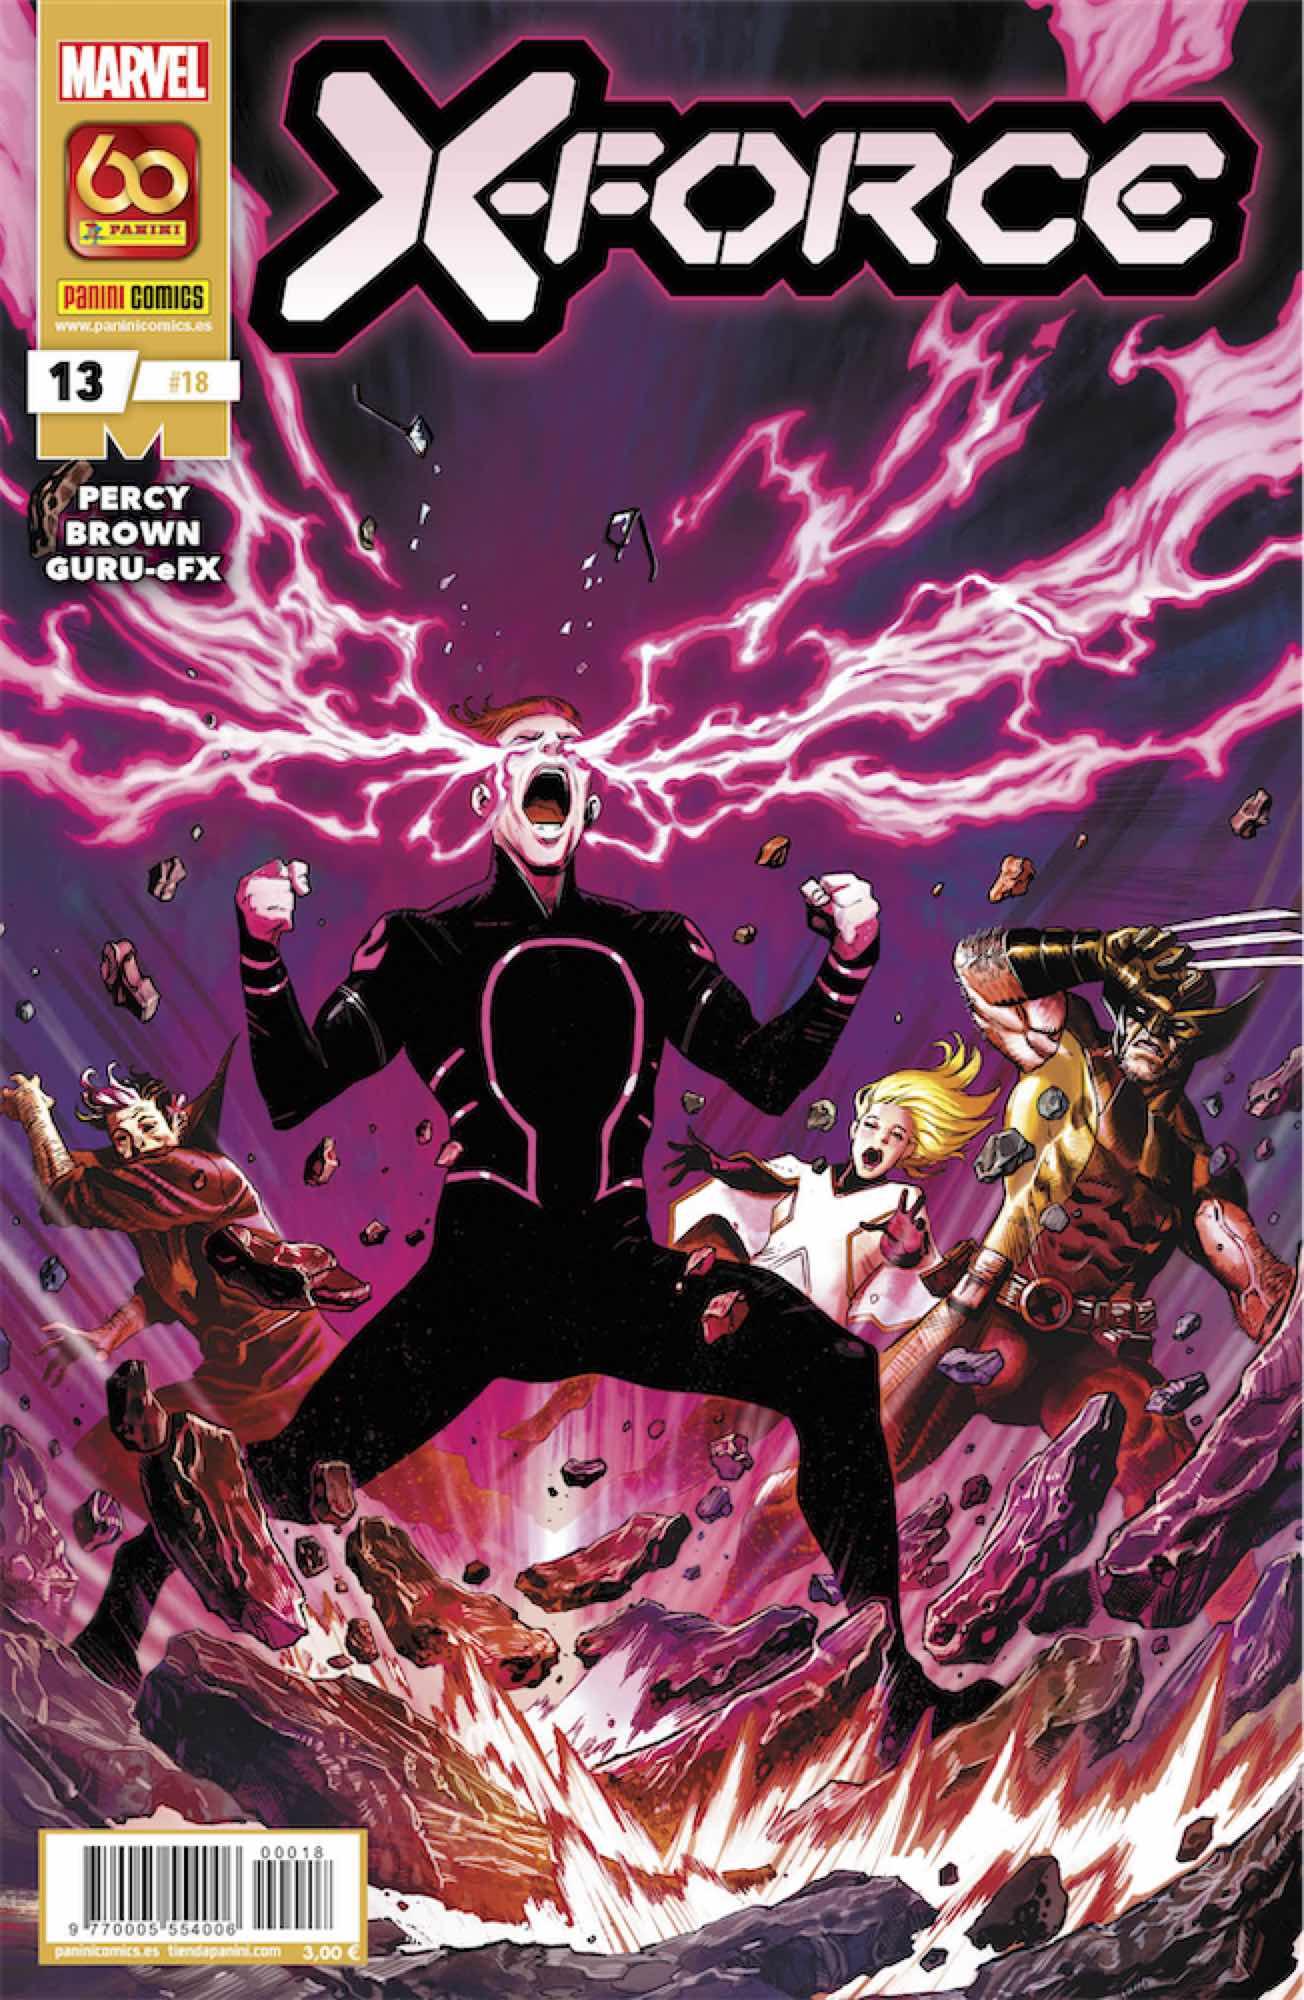 X-FORCE 13 (# 18)